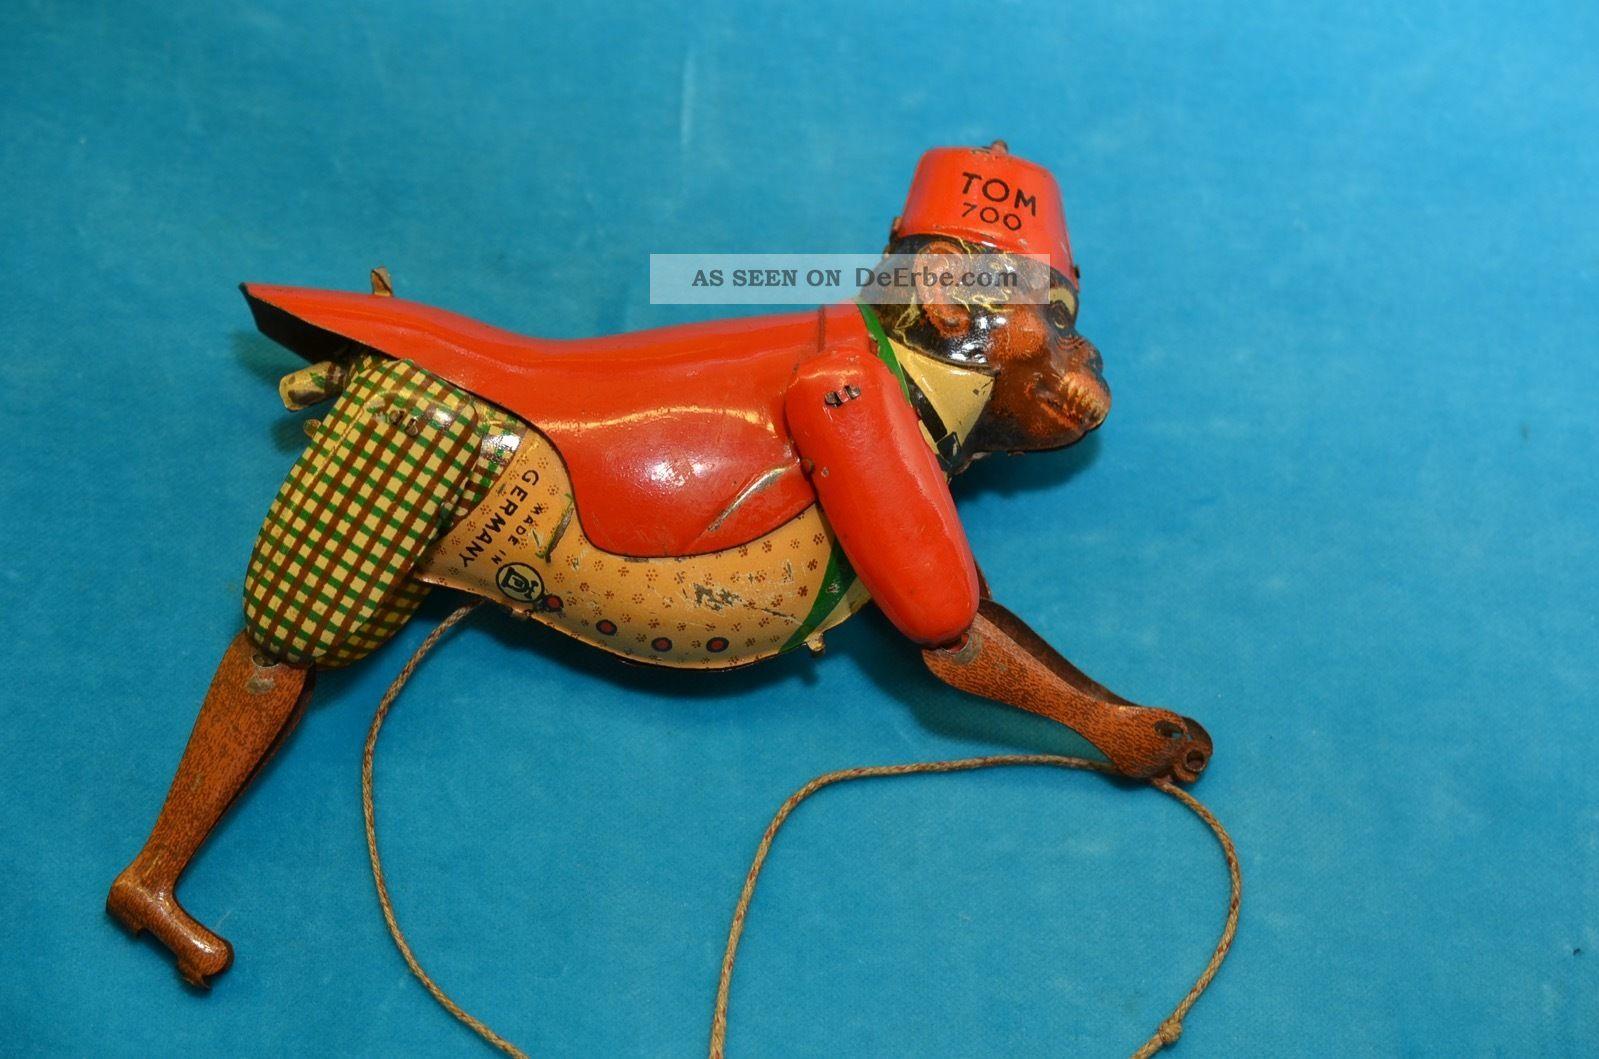 Altes Lehmann Blechspielzeug Tom 700 Kletteraffe Original, gefertigt vor 1945 Bild